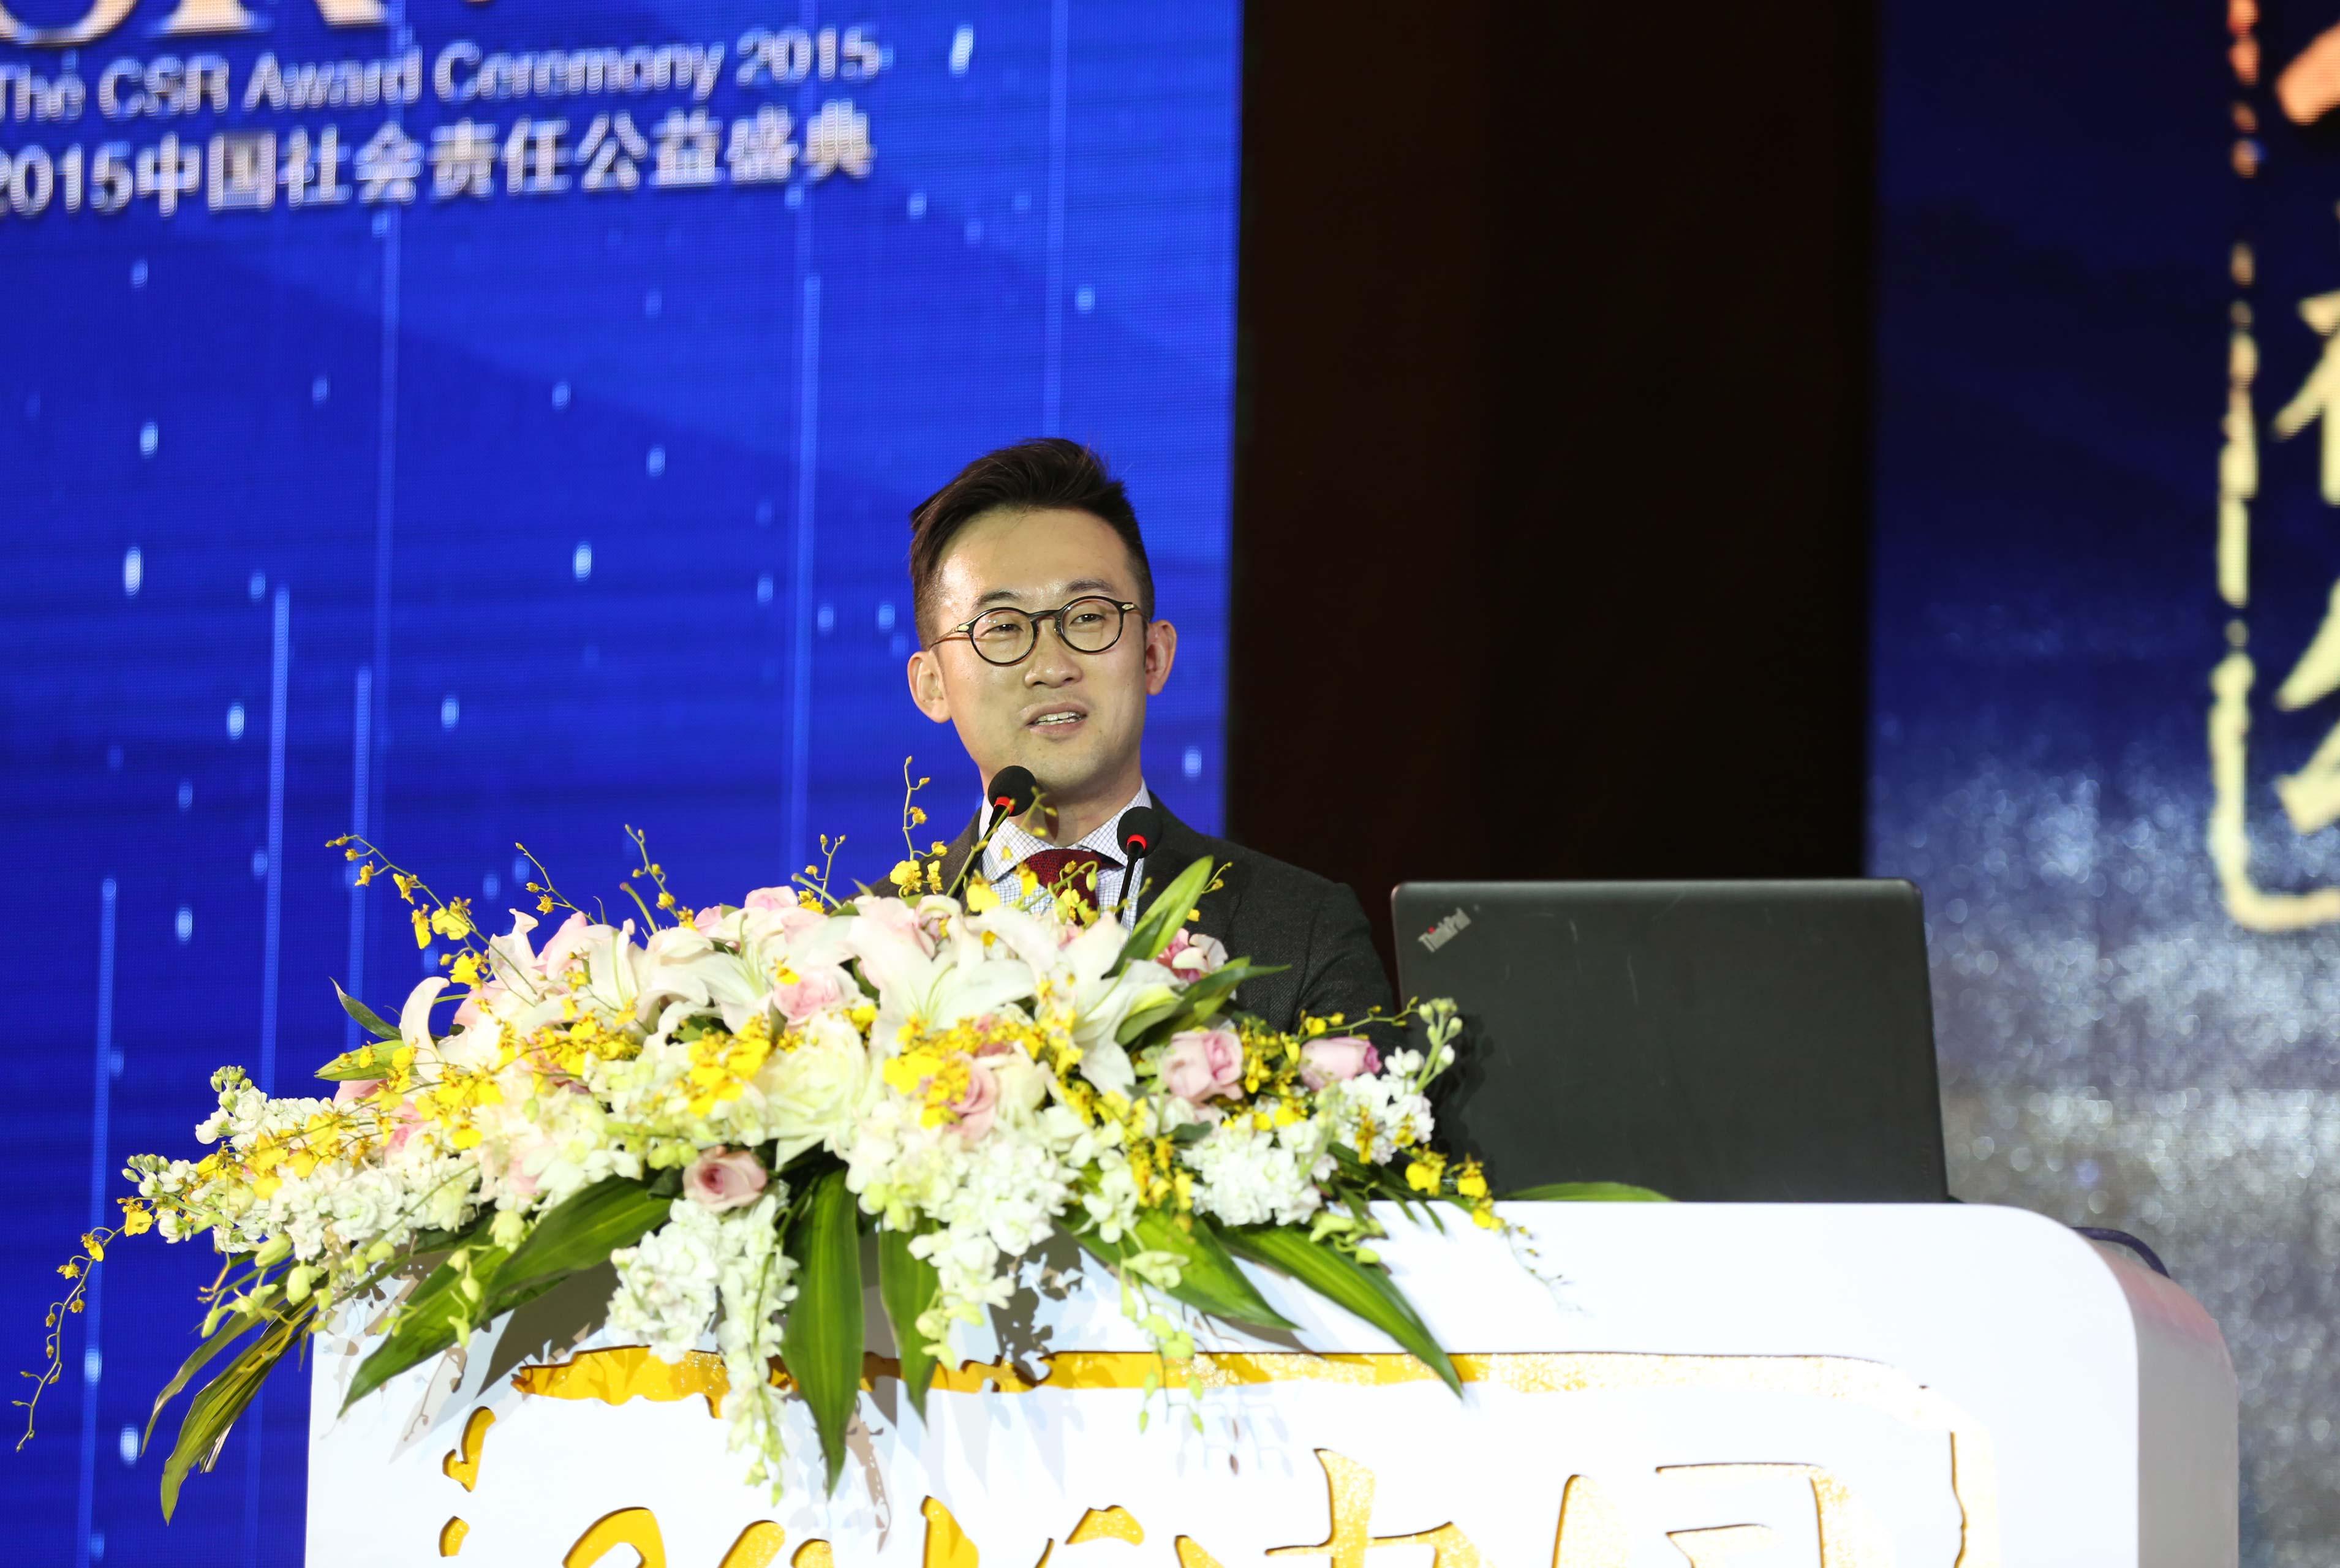 日加滿飲品(上海)有限公司總經理榮煒發表致辭